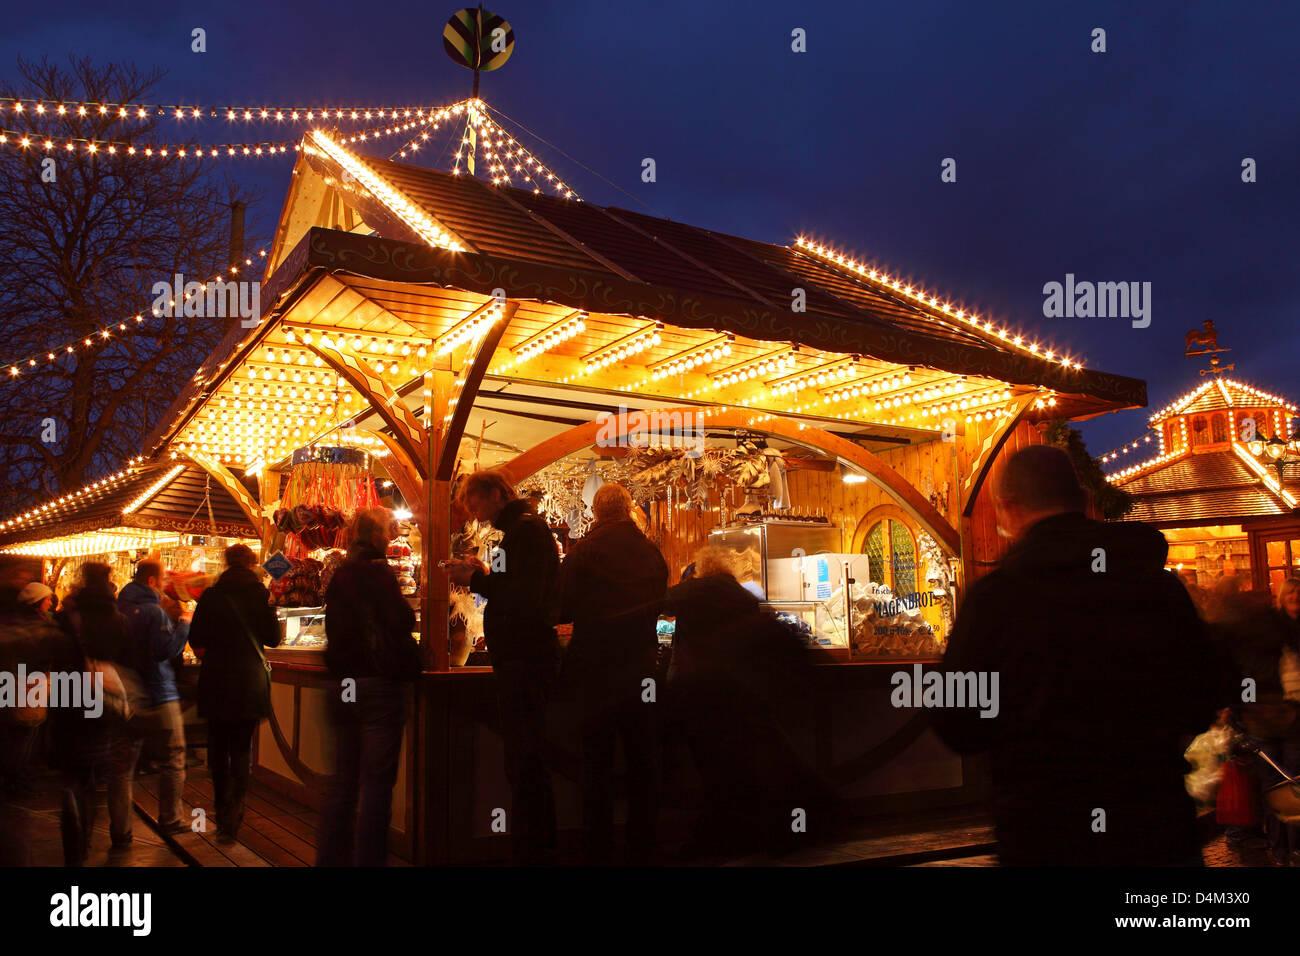 La gente se reúne alrededor de un calado iluminada en el Mercadillo de Navidad (Weihnachtsmarkt) en Stuttgart, Imagen De Stock